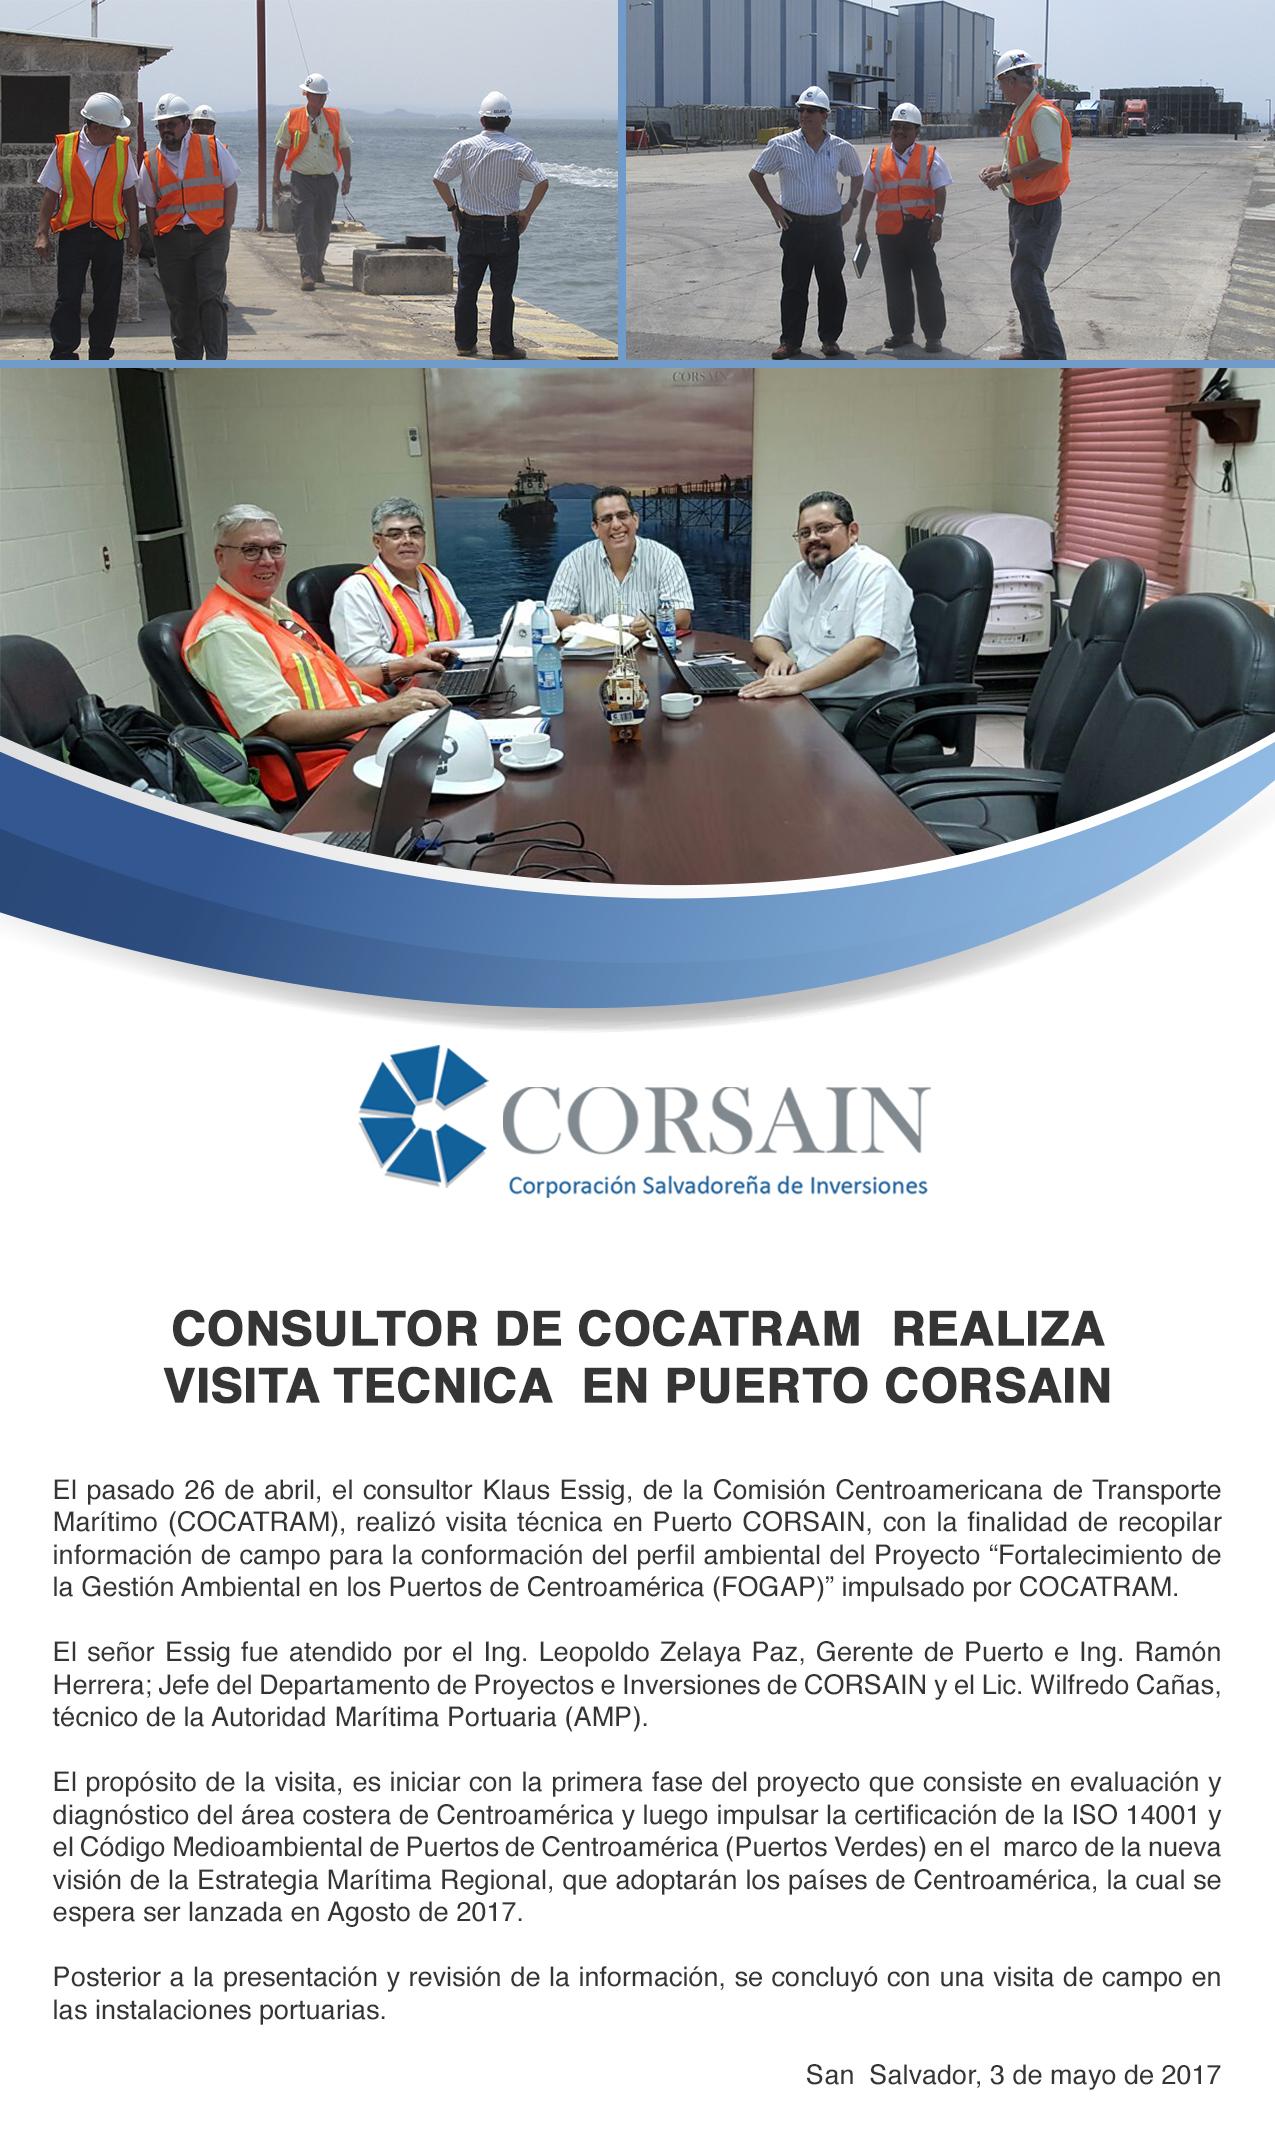 visita-de-cocatram-en-puerto4